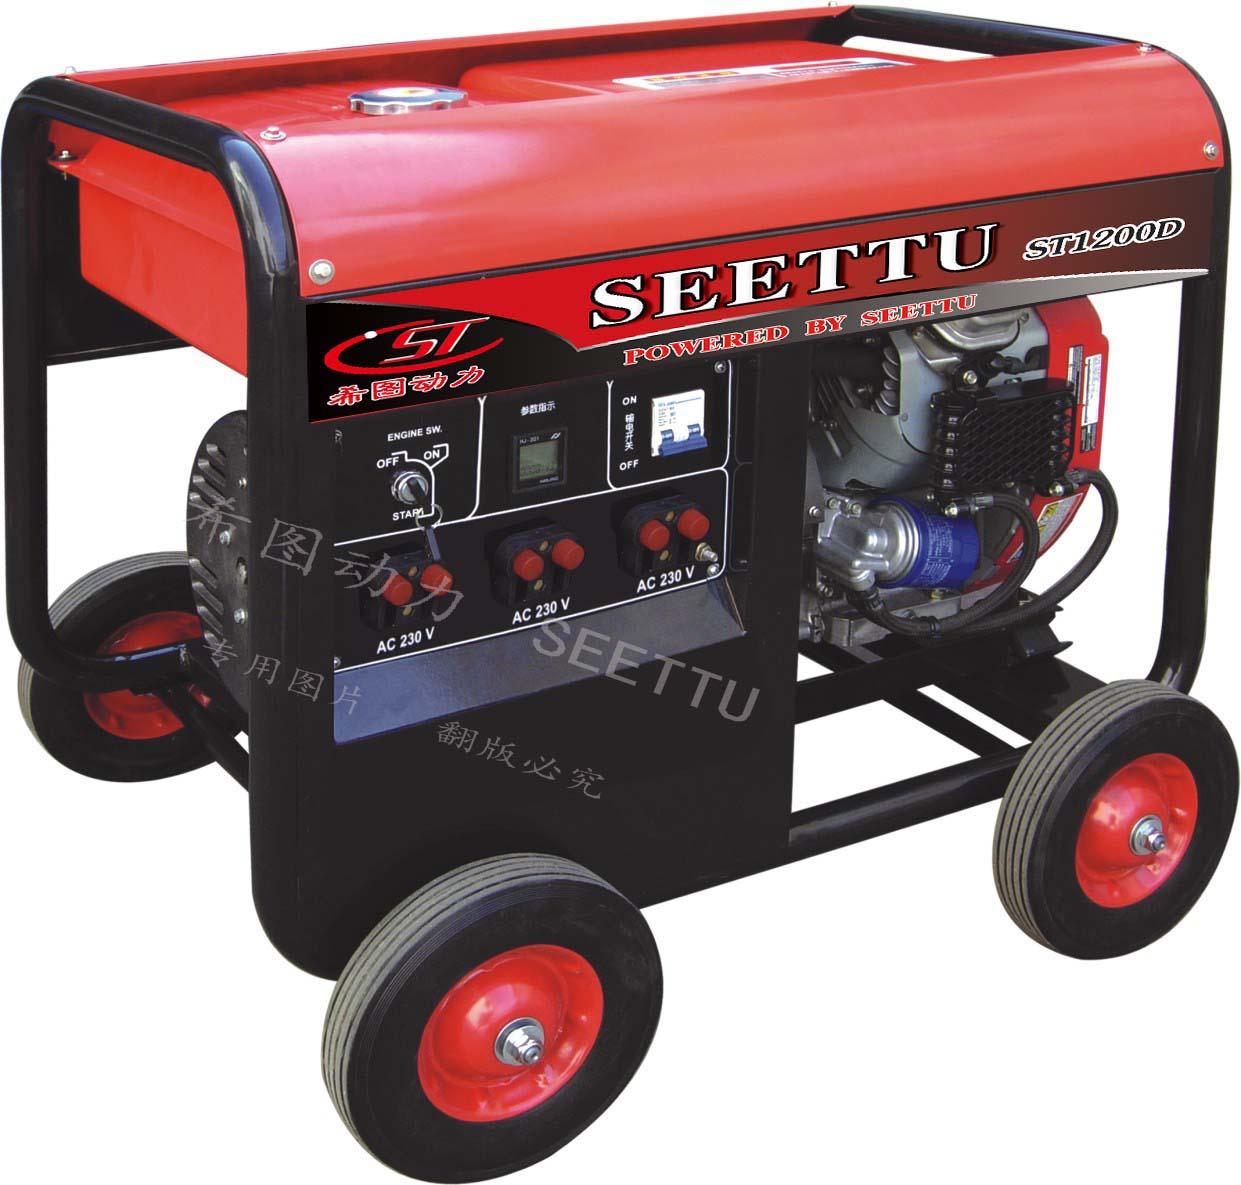 现在汽车上的发电机都是风冷式发电机,由皮带轮后的风扇吹风进入机壳